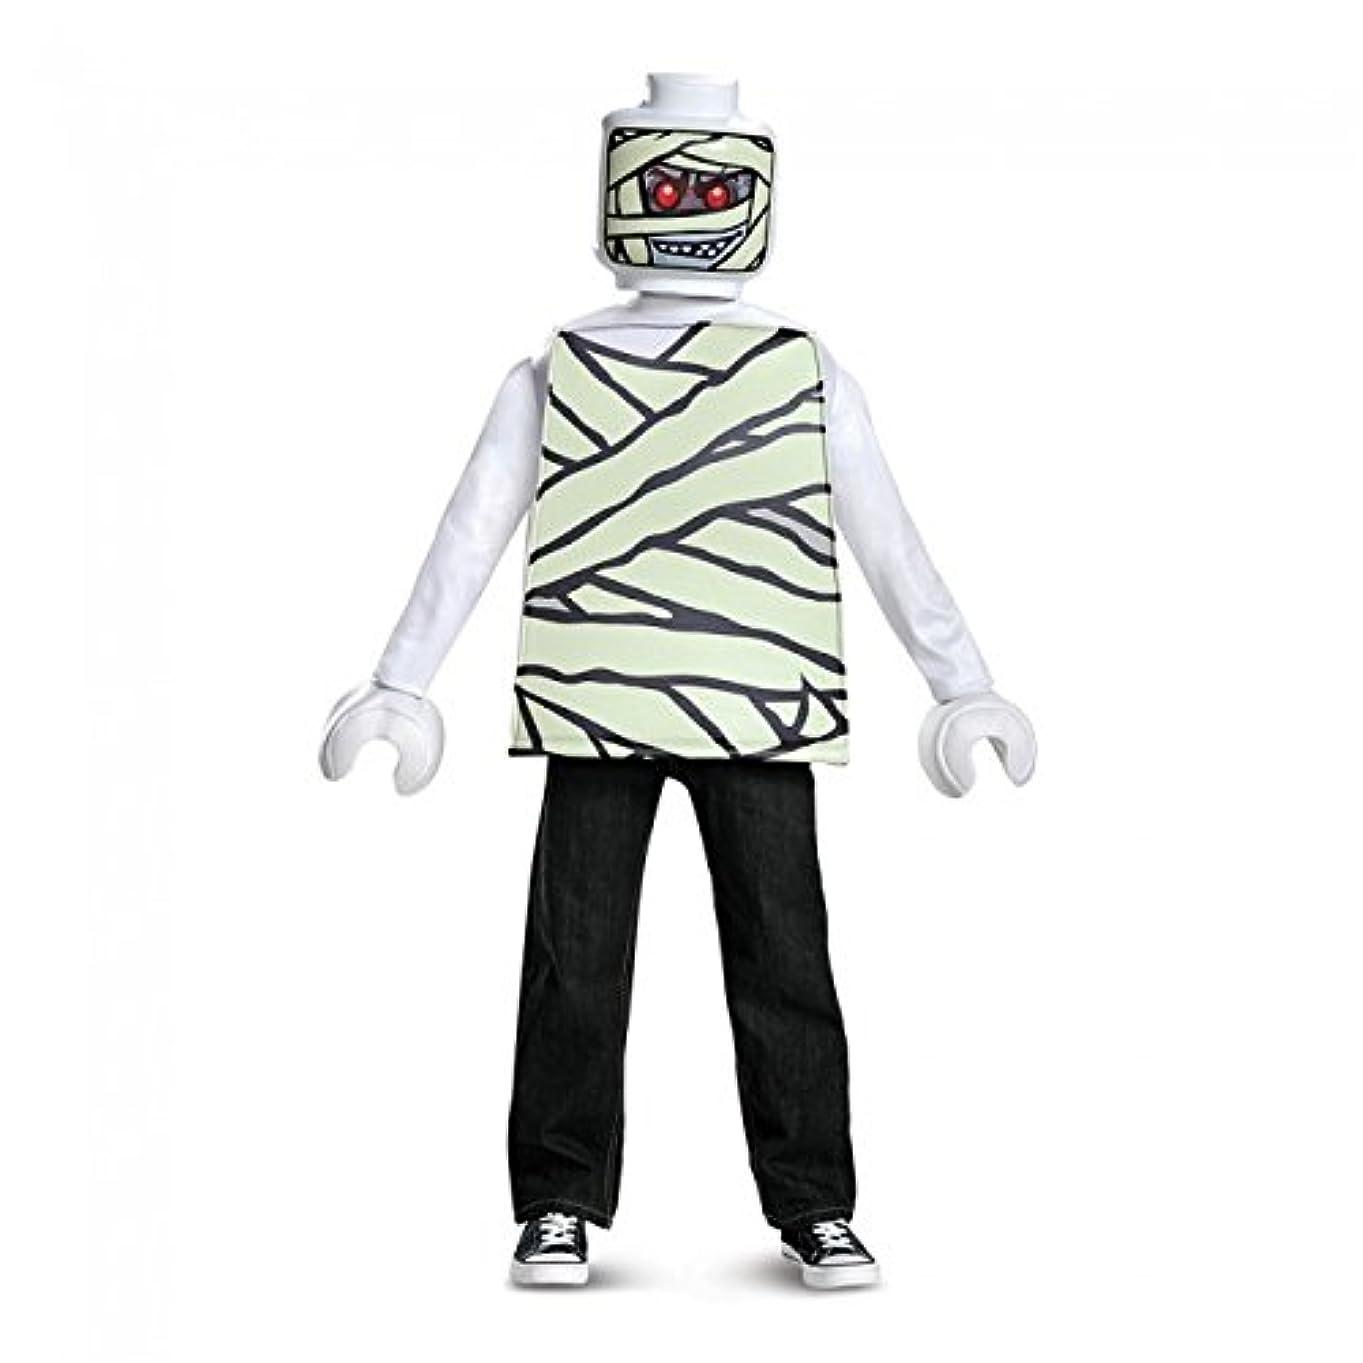 マニアックトレード円形のLEGO ICONIC Mummy Classic Mサイズ/レゴ ミイラ コスチューム キッズ ハロウィン 仮装 コスプレ